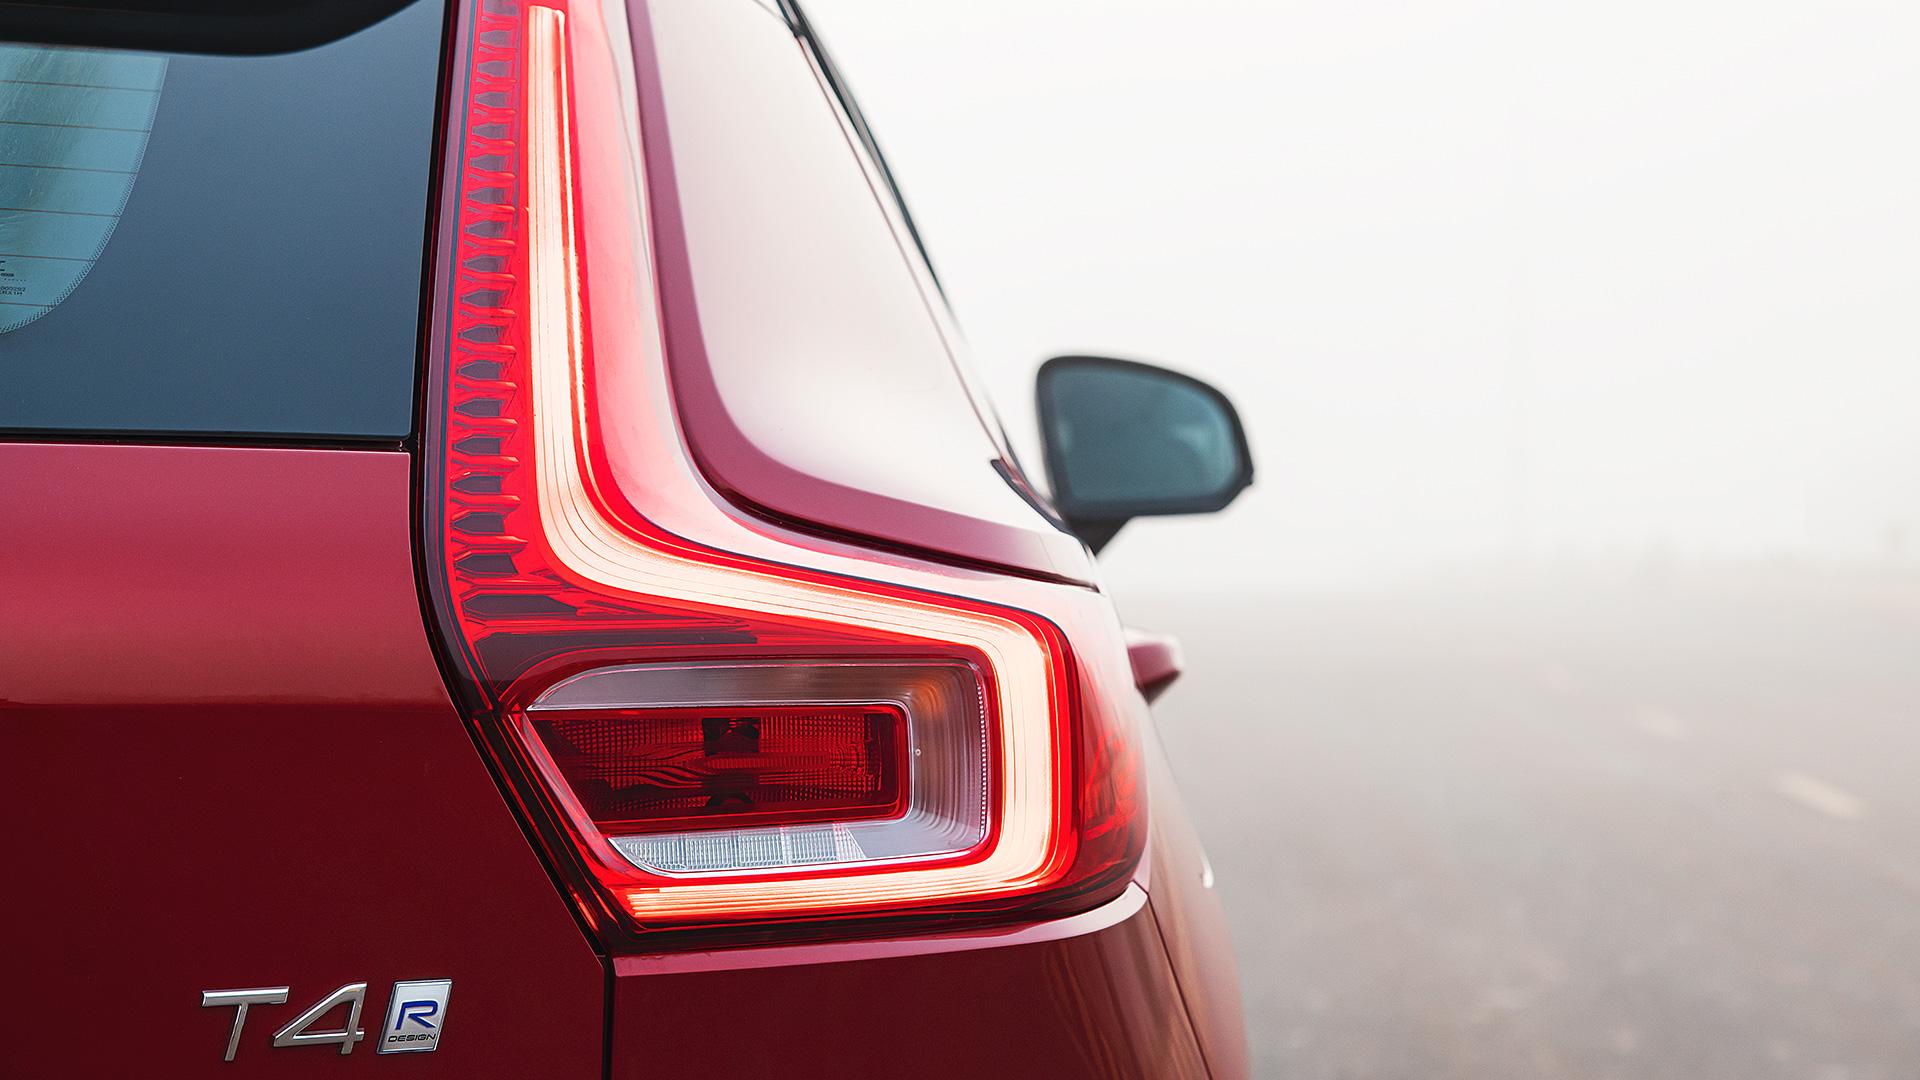 Volvo XC40 2020 T4 R Design Exterior